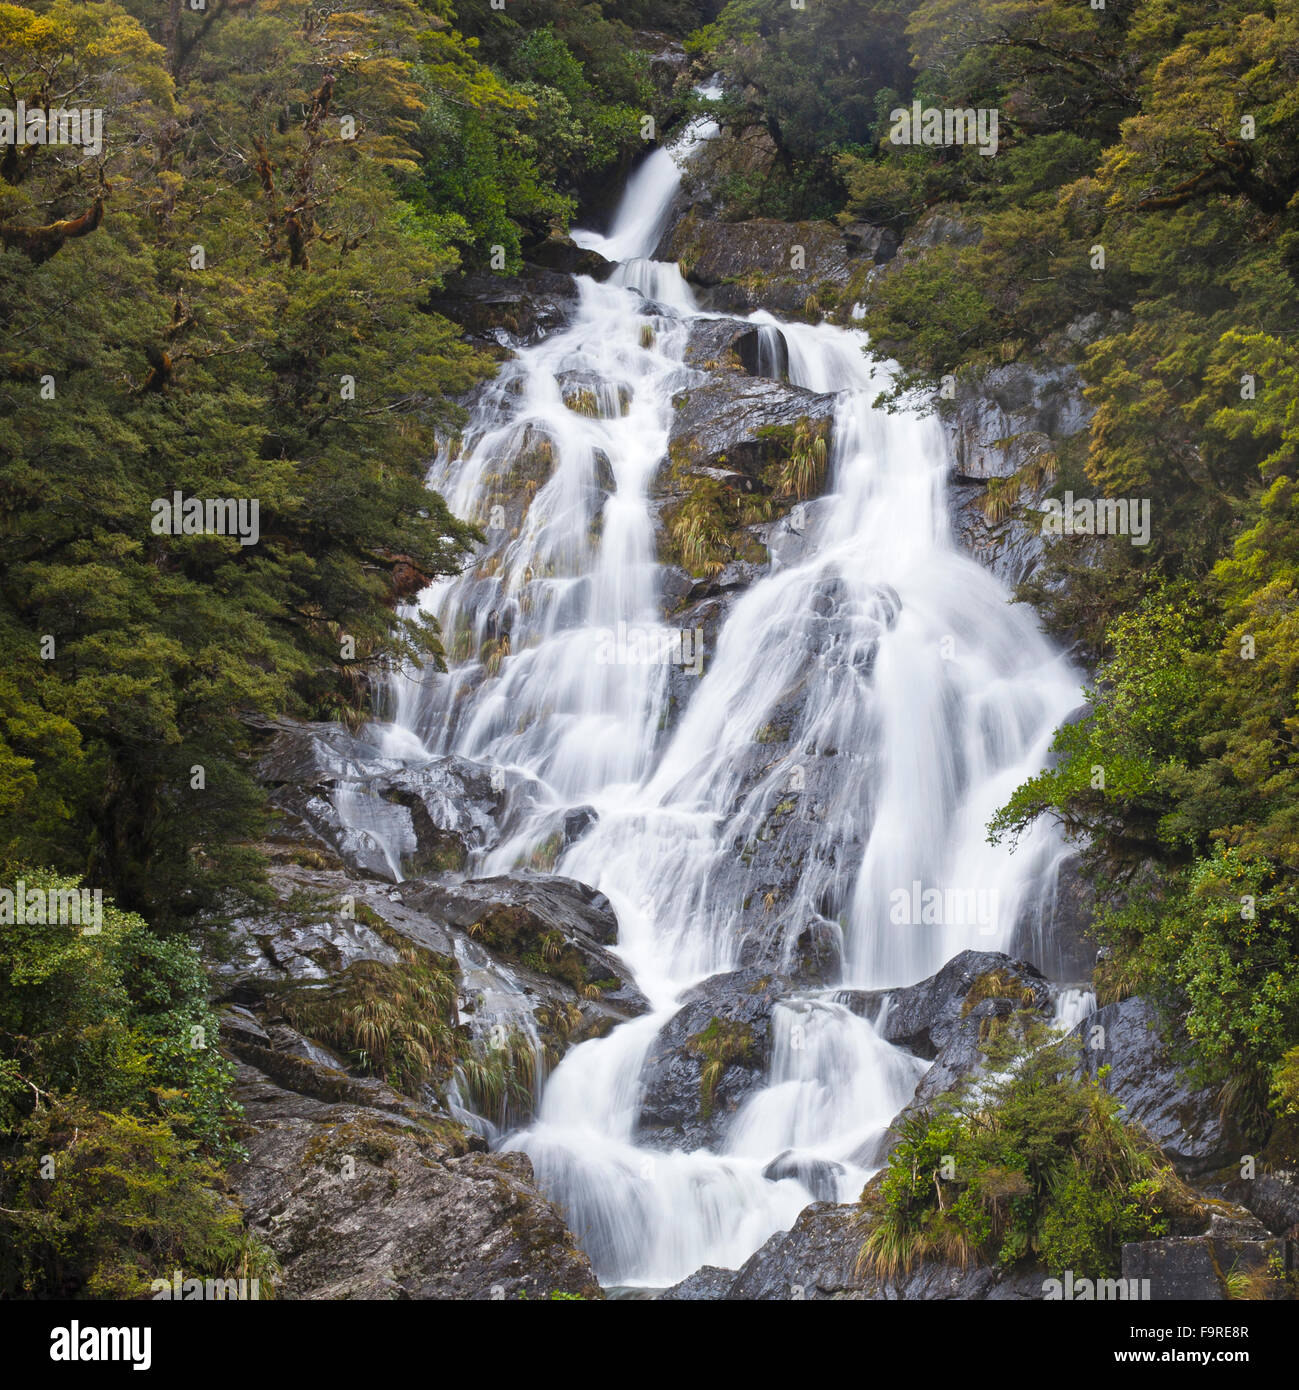 Castillo de popa Falls, el Parque Nacional de Mt aspirantes , Haast Pass, región de la Costa Oeste (Isla del Sur), Nueva Zelanda Foto de stock